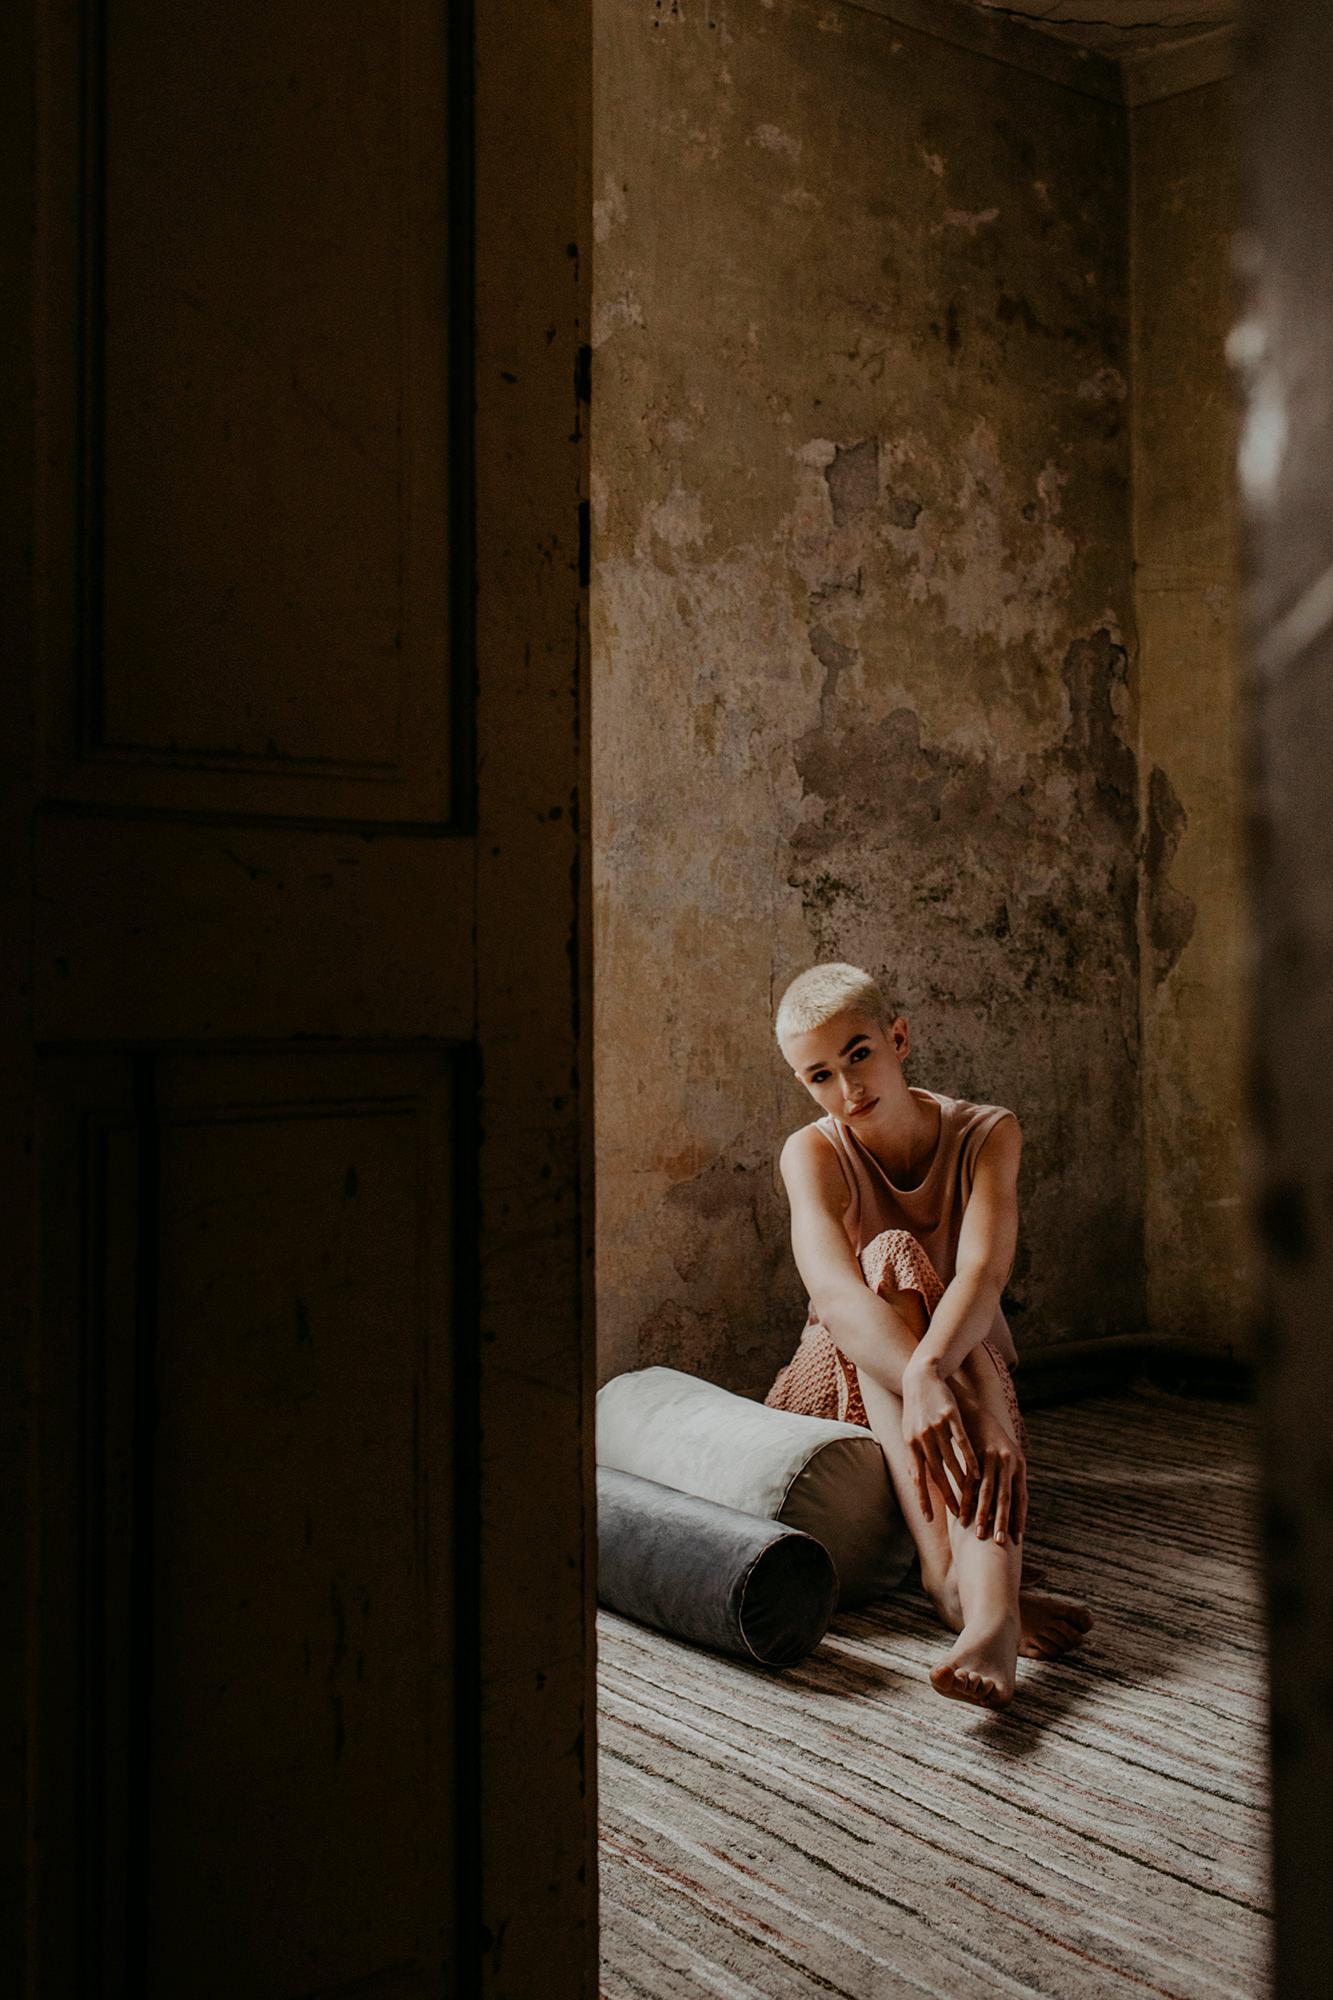 Interior-Fotograf-Interiorfotografie-Anna-Fichtner-PAD-Concept-Werbekampagne-N14